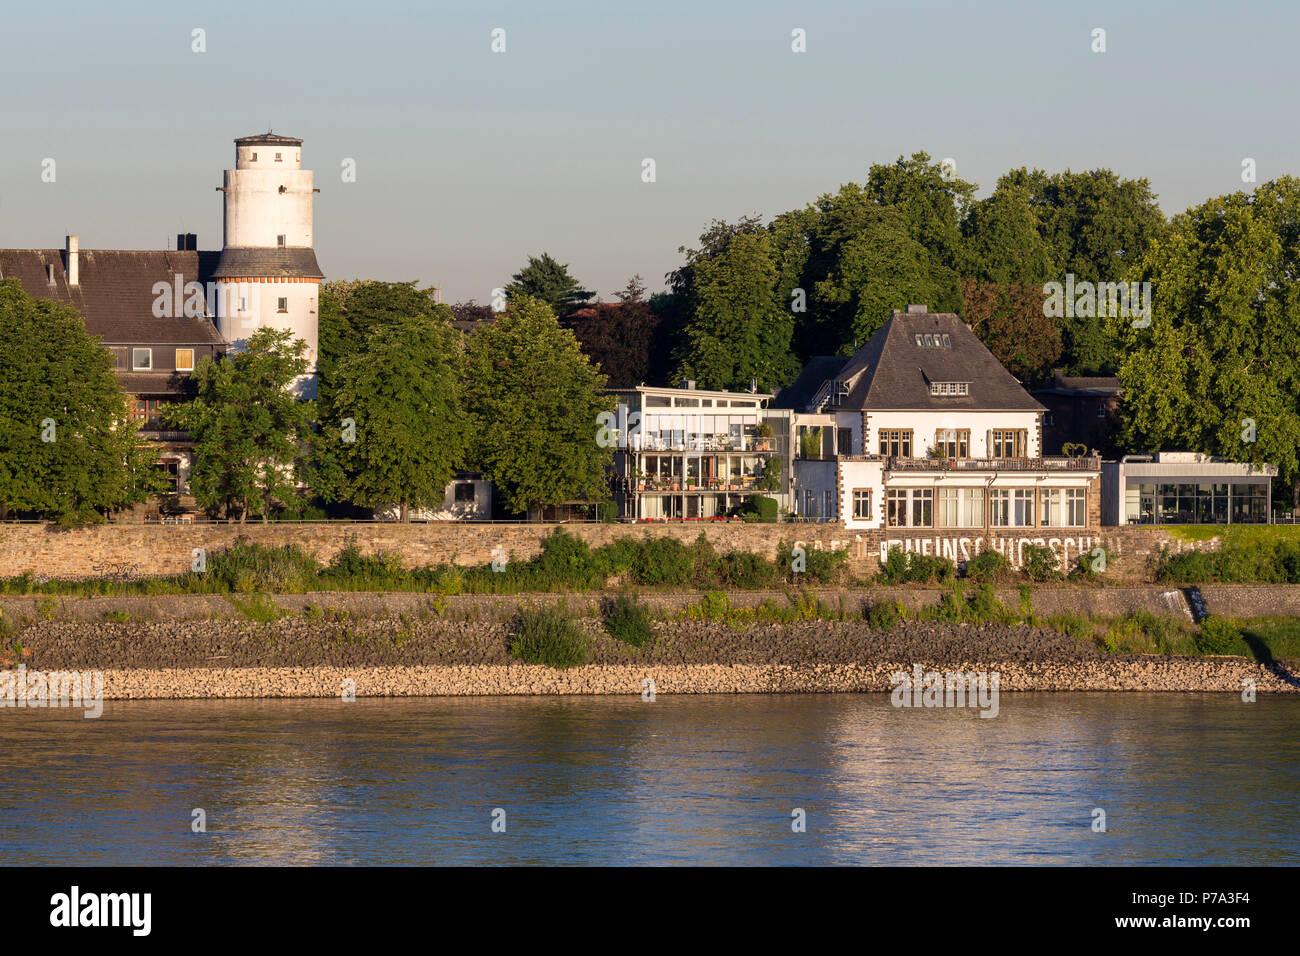 Krefeld, Uerdingen, Blick von der Krefelder Rheinbrücke  auf das Rheinschlößchen, Architekt: Prof. Karl Henrici, Baujahr: 1908 - Stock Image